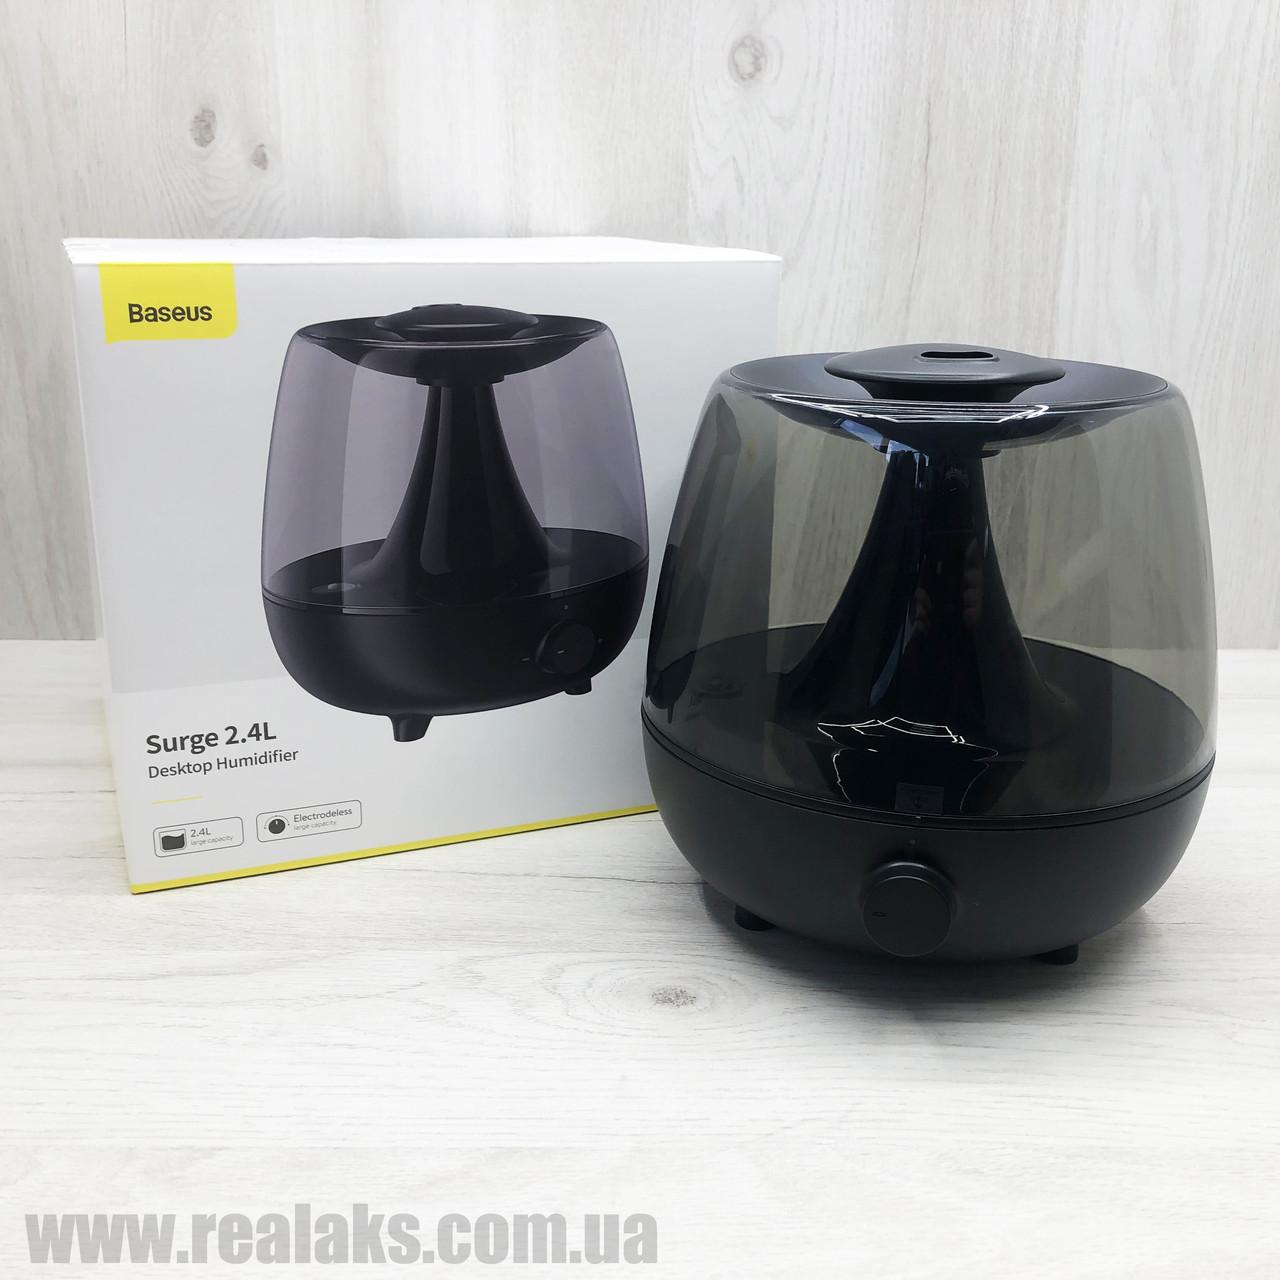 Увлажнитель воздуха Baseus Surge 2.4L desktop humidifier (black)